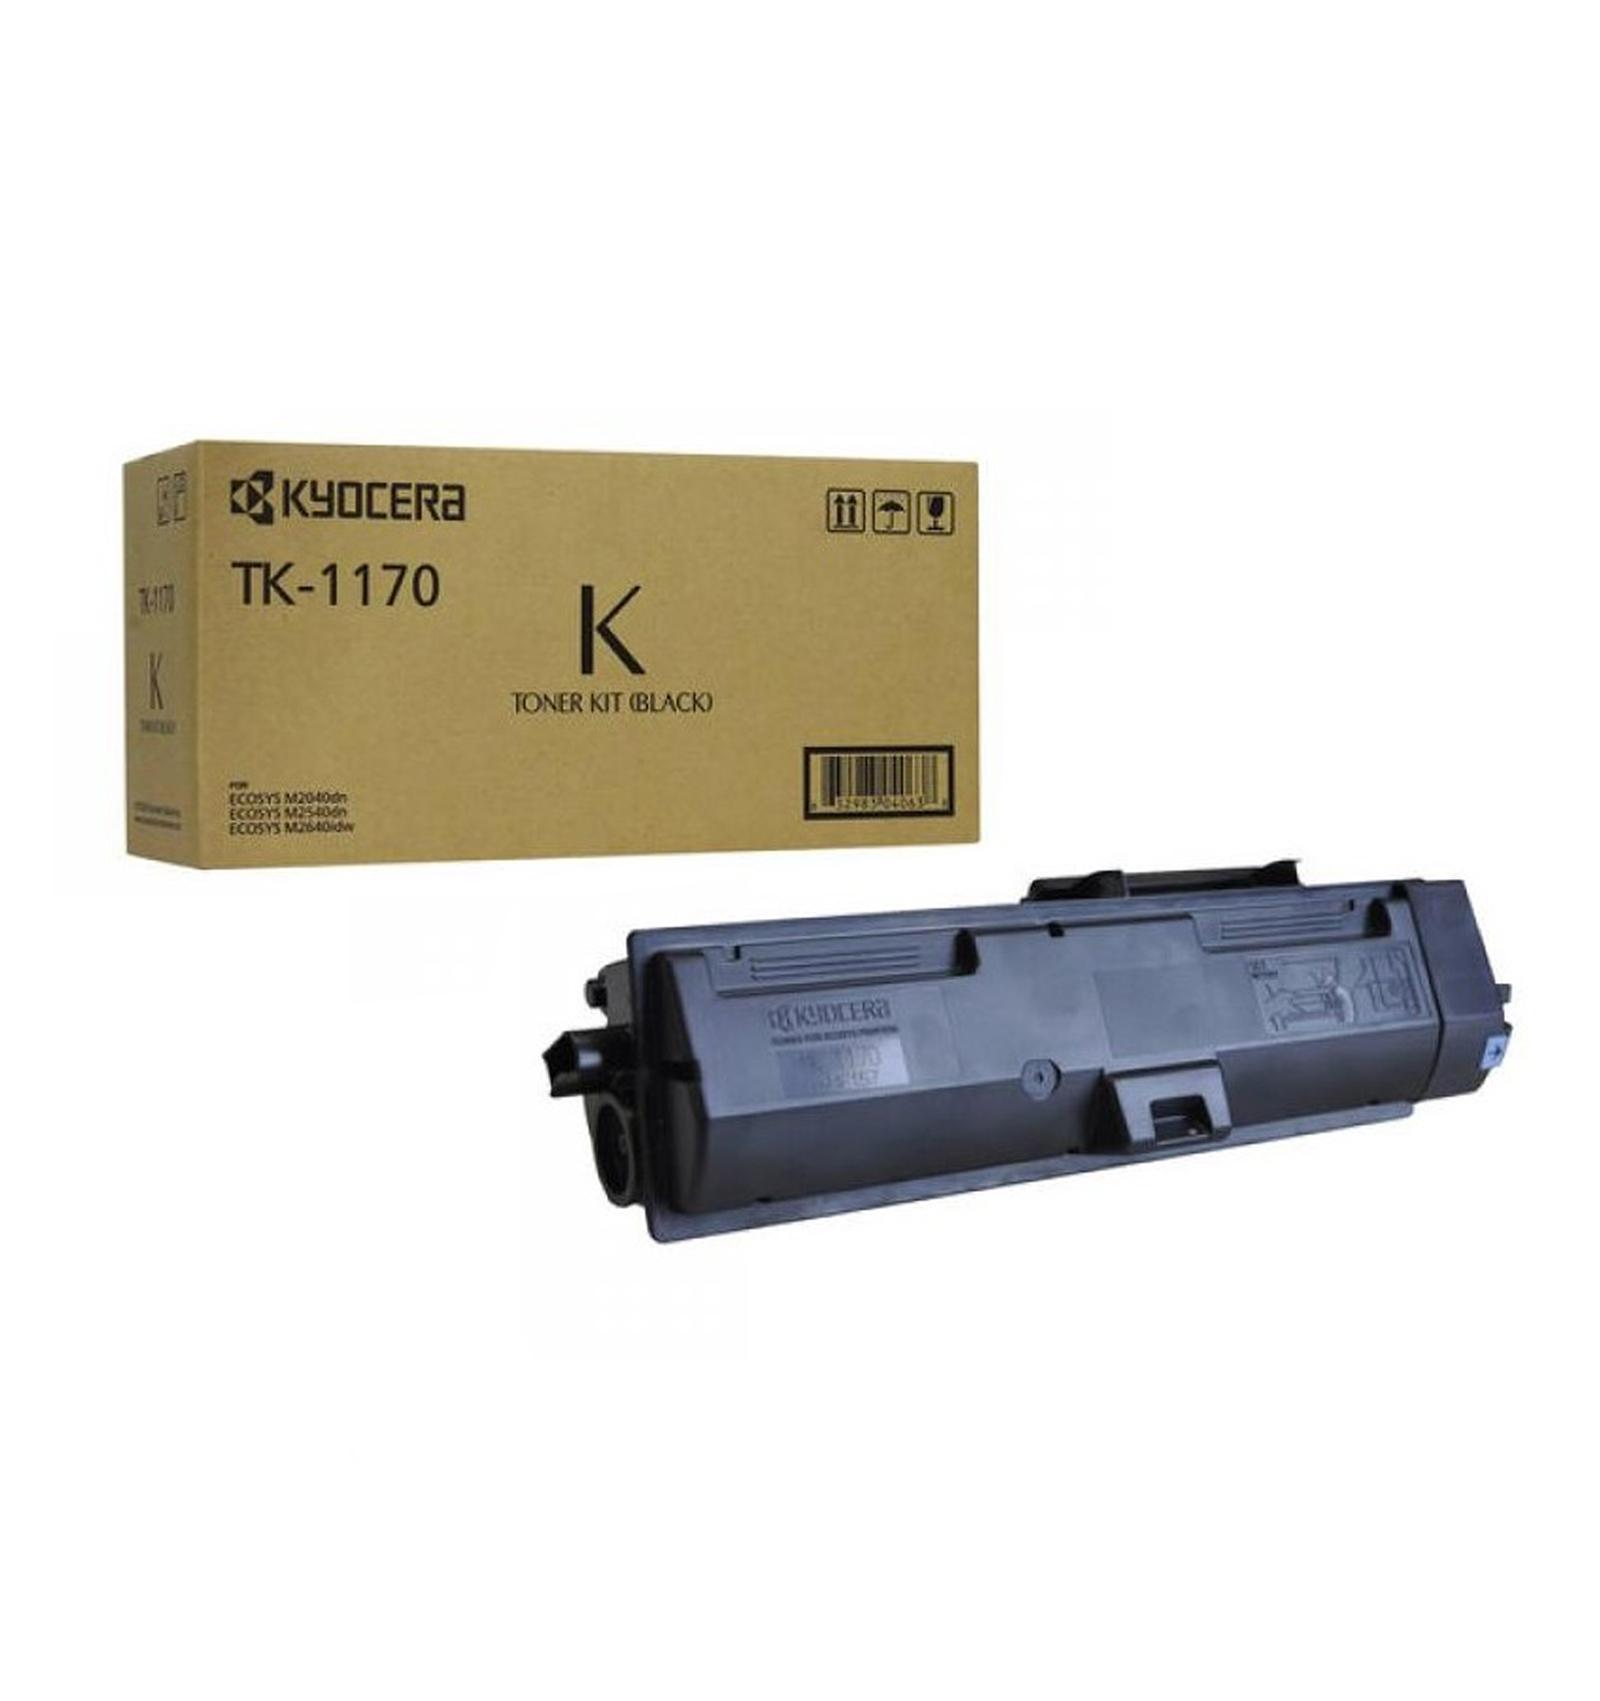 Заправка картриджа Kyocera TK-1170 для Kyocera ECOSYS M2040dn / M2540dn / M2640idw